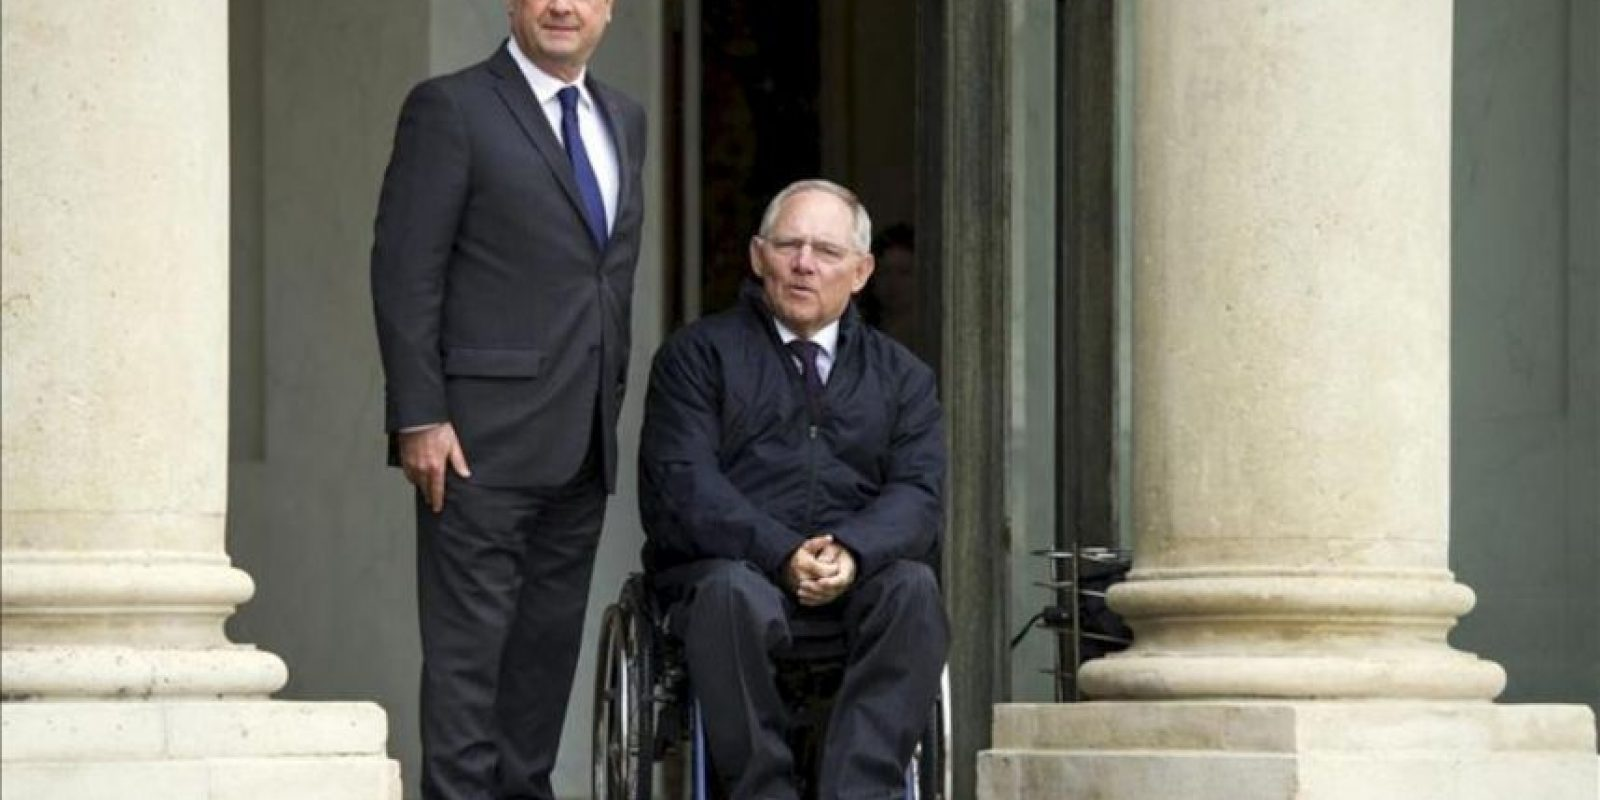 El presidente francés, François Hollande (izq), posa junto al ministro alemán de Finanzas, Wolfgang Schäuble (der), antes de su encuentro en el Palacio del Elíseo en París, Francia. EFE